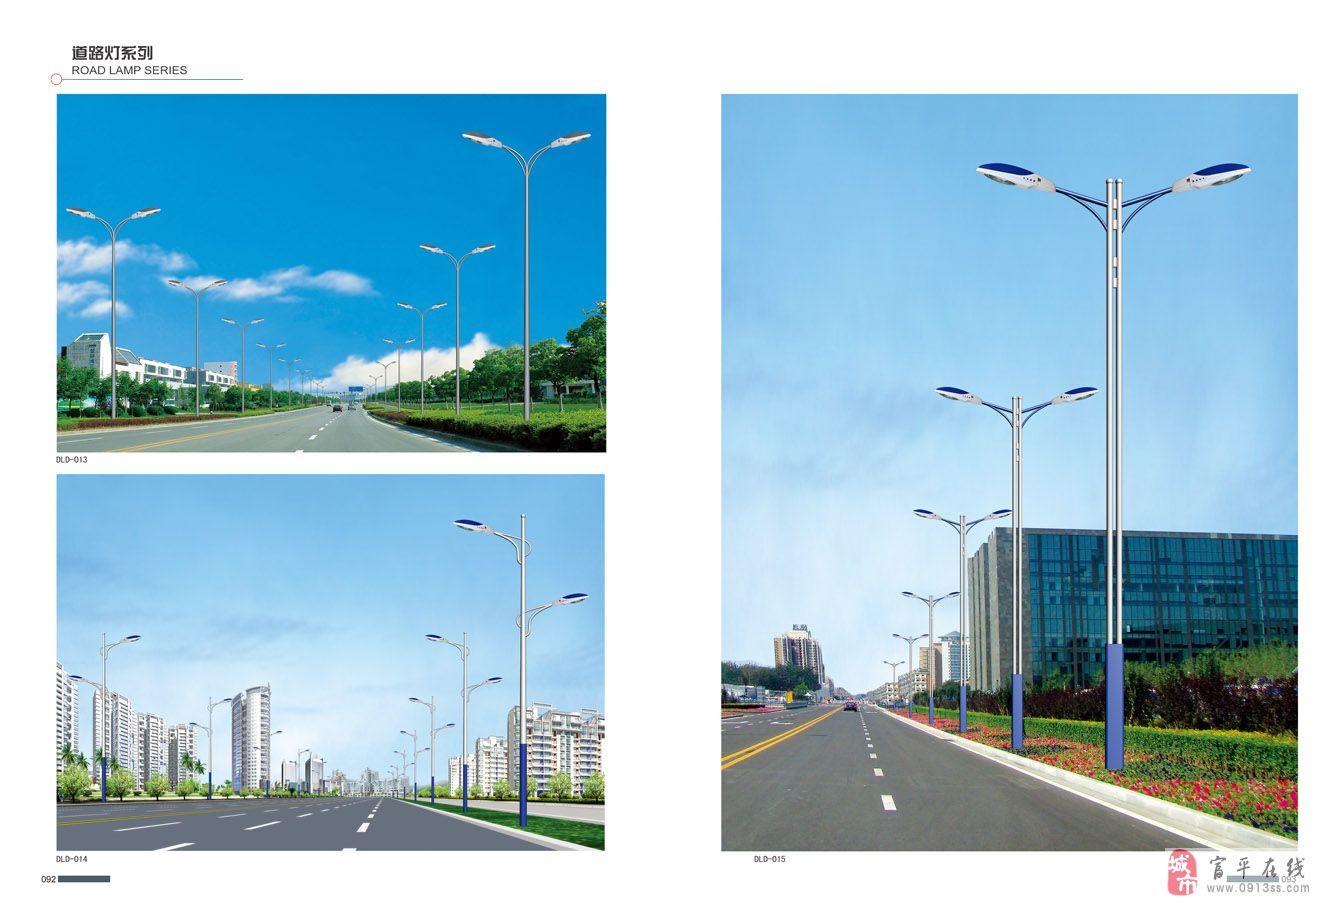 扬州祥顺照明有限公司座落在中国历史文化名城扬州北郊郭集工业园。 是国内专业研发制造道路照明器材及风能产品的骨干企业,通过国家AAA认证,CCC认证,CQC认证,ISO9001国际质量体系认证,是计量合格企业,质量信得过企业,拥有国家城市及道路照工程专业承包一级资质证书。 公司备有15m压力1200吨大型折弯机,配套高速纵剪机、冲床、车床、刨床、半自动埋弧焊机、焊接探伤设备、等离子切割机、合缝机、校直机以及多种适应钢结构锥型路灯、高杆灯、中小杆、交通标志杆、通讯杆等制作的必备机械,计50余台。 主营产品